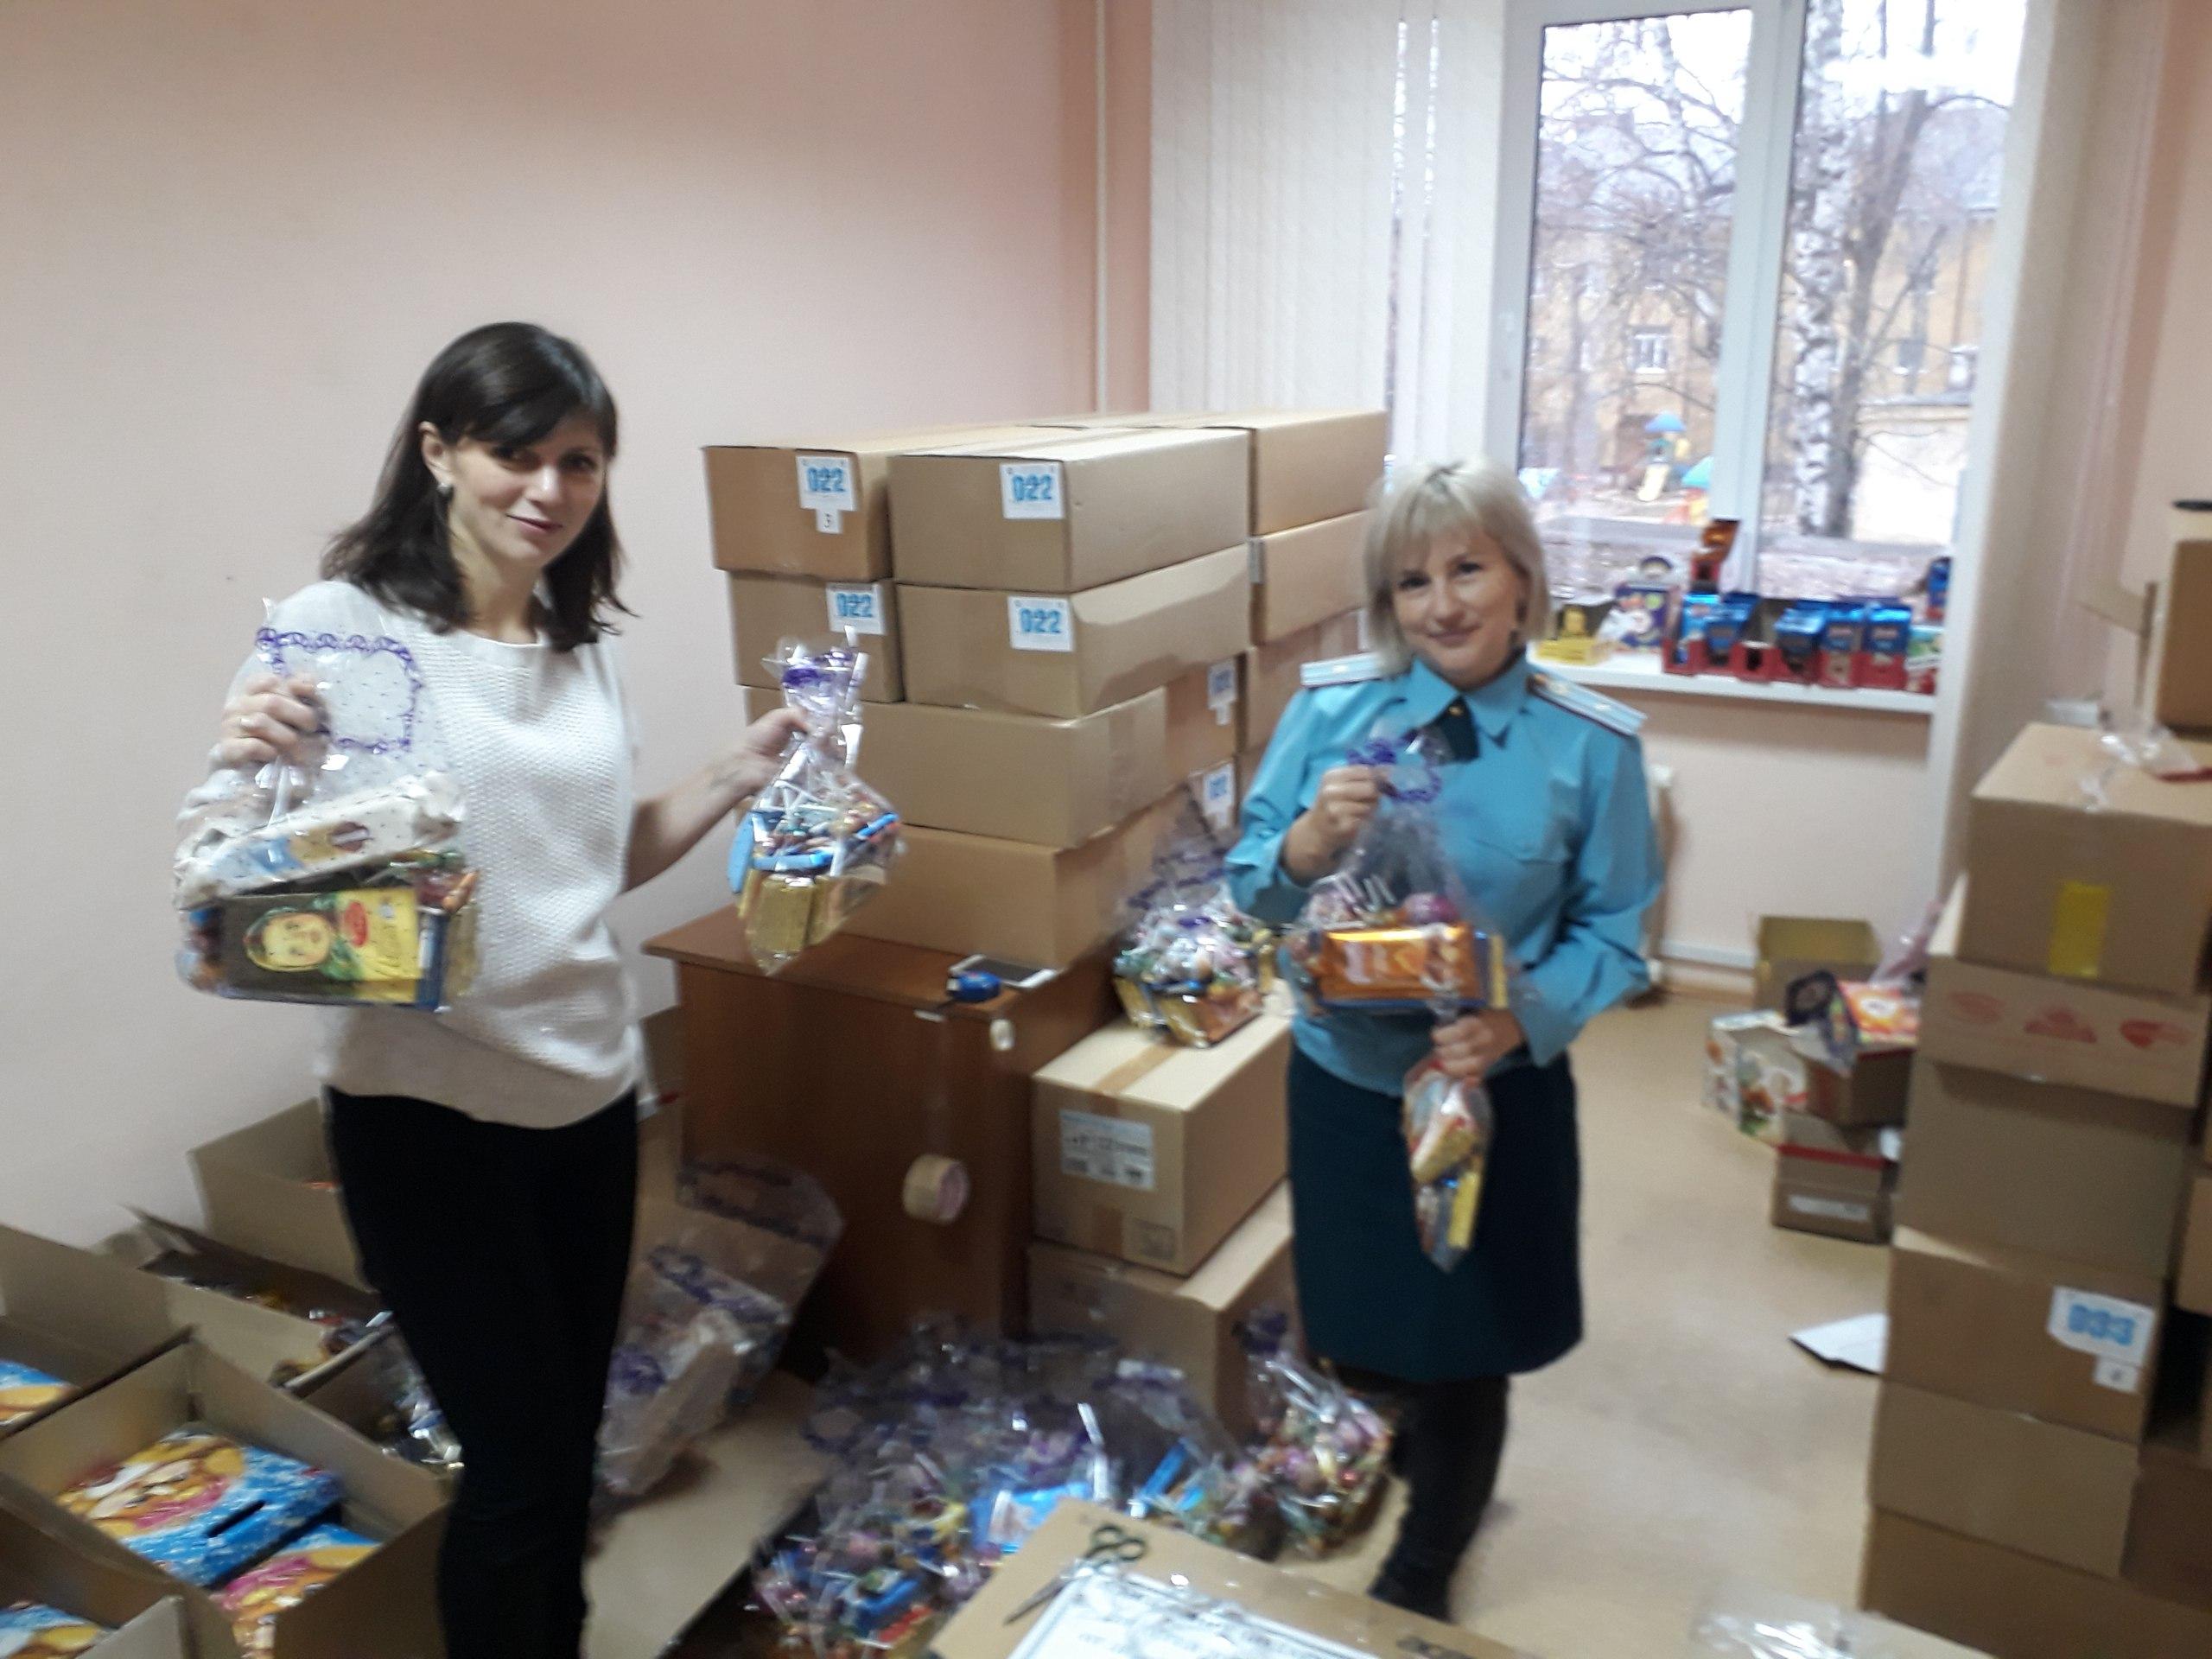 Северная Осетия отправила 2 тонны новогодних подарков детям Донецка иЛуганска